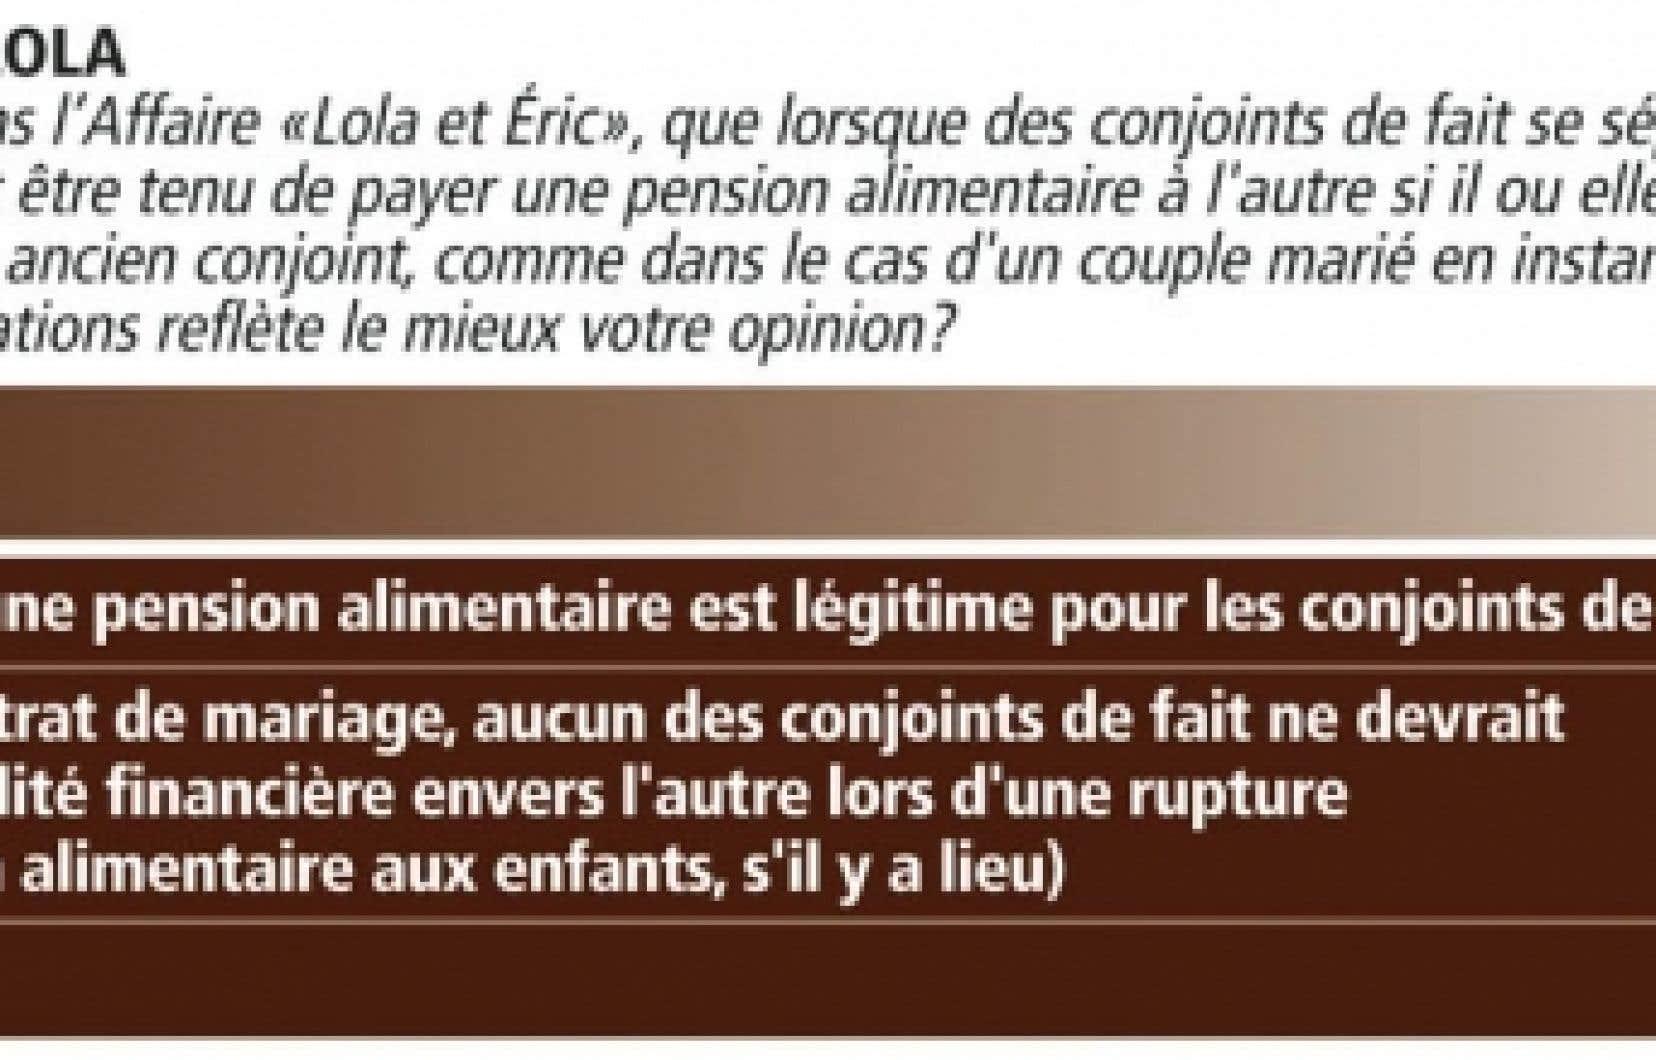 Lola Et Eric Pas D Obligation Financiere Sans Contrat De Mariage Disent Les Quebecois Le Devoir